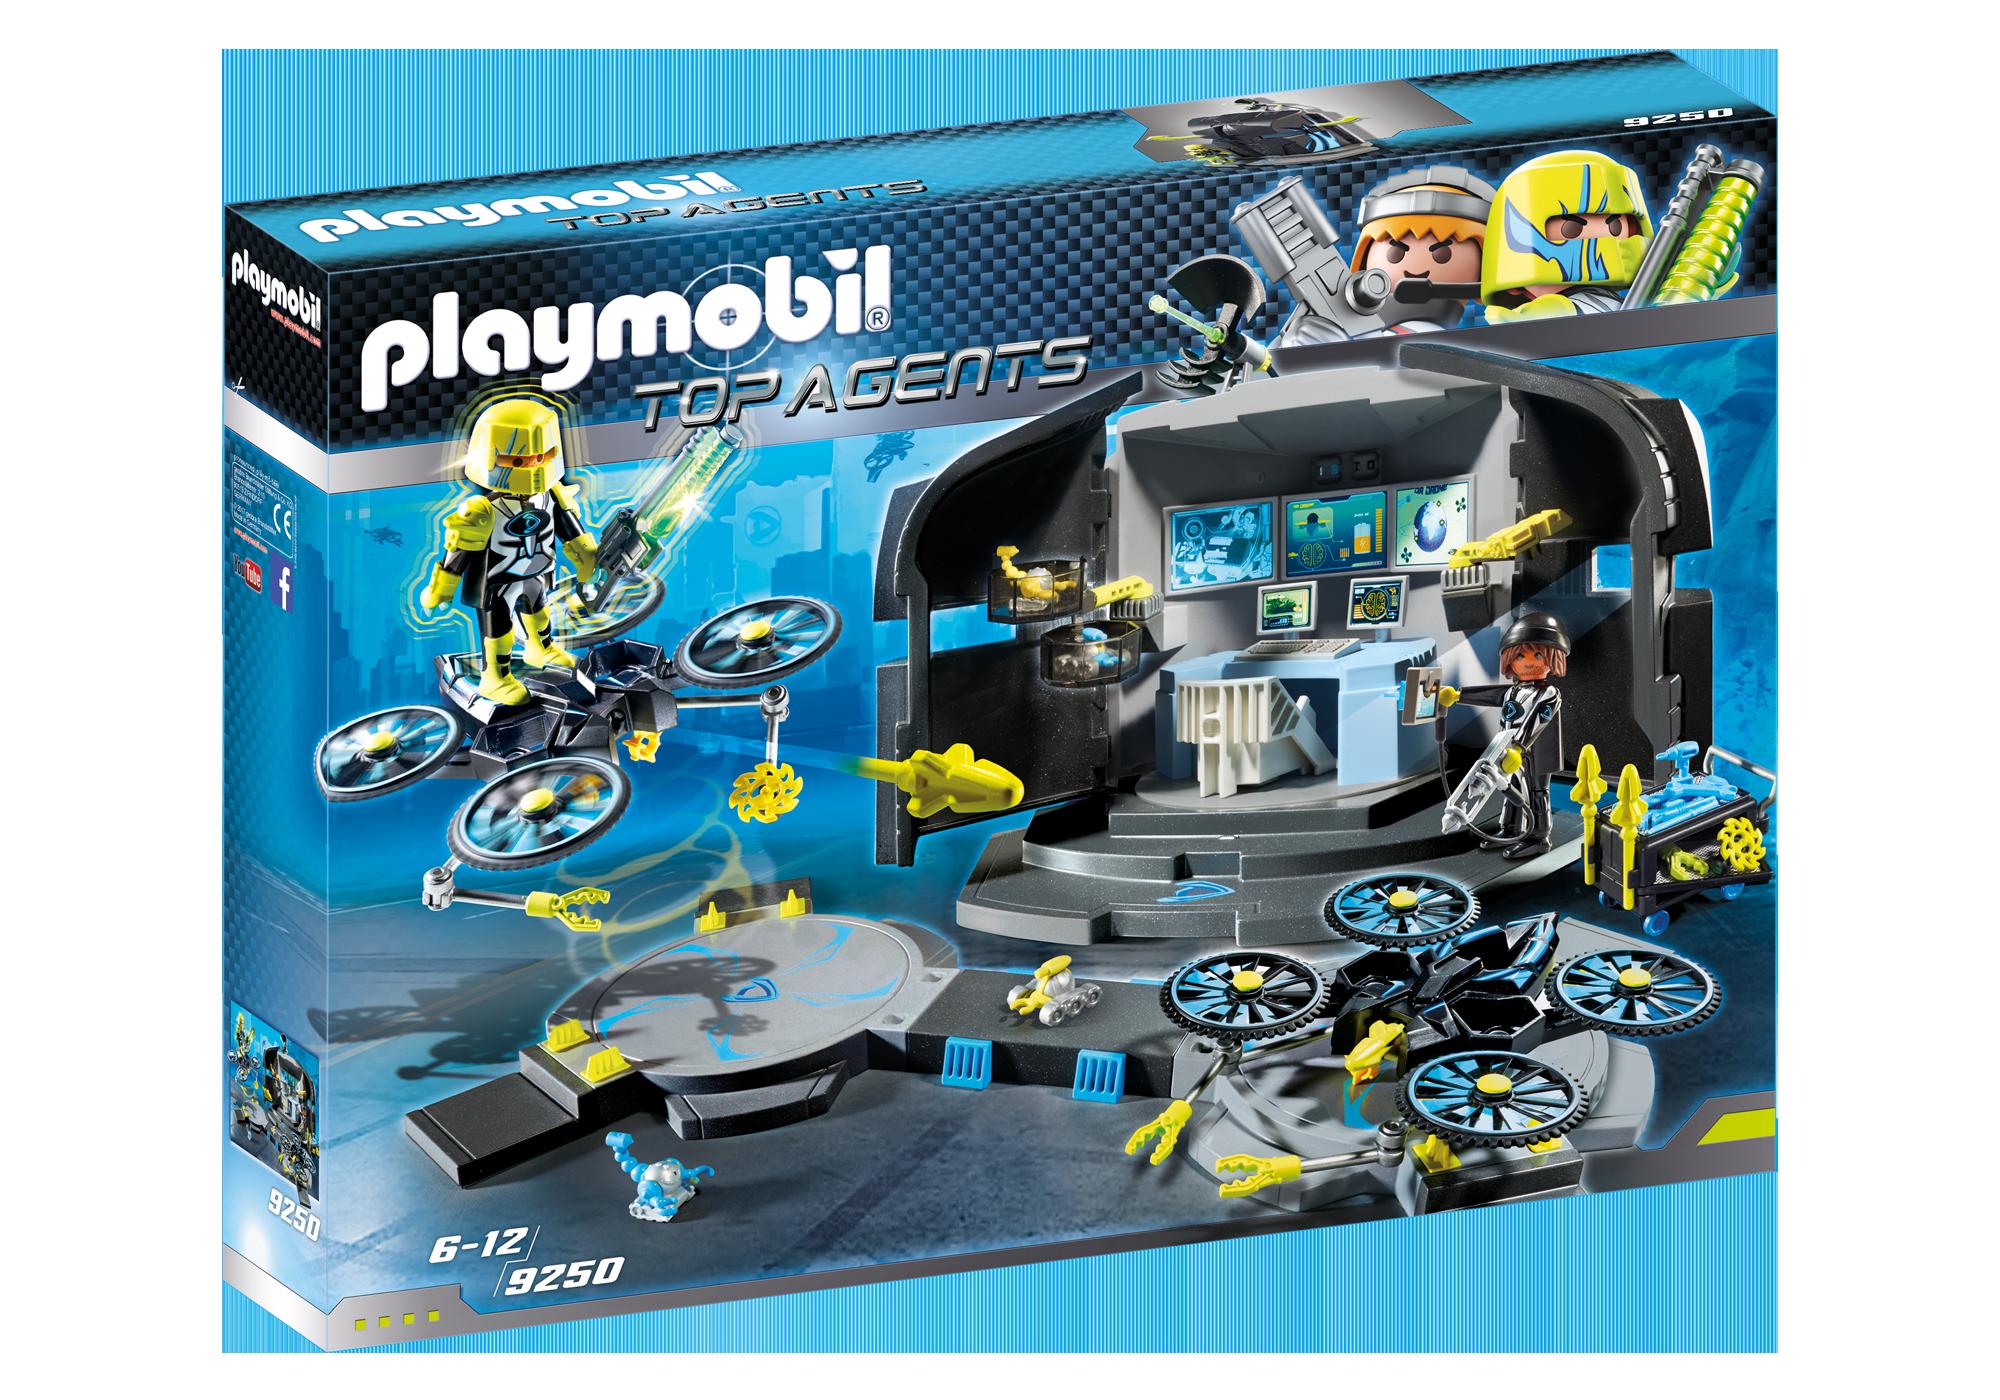 http://media.playmobil.com/i/playmobil/9250_product_box_front/Centro de Comando do Dr. Drone